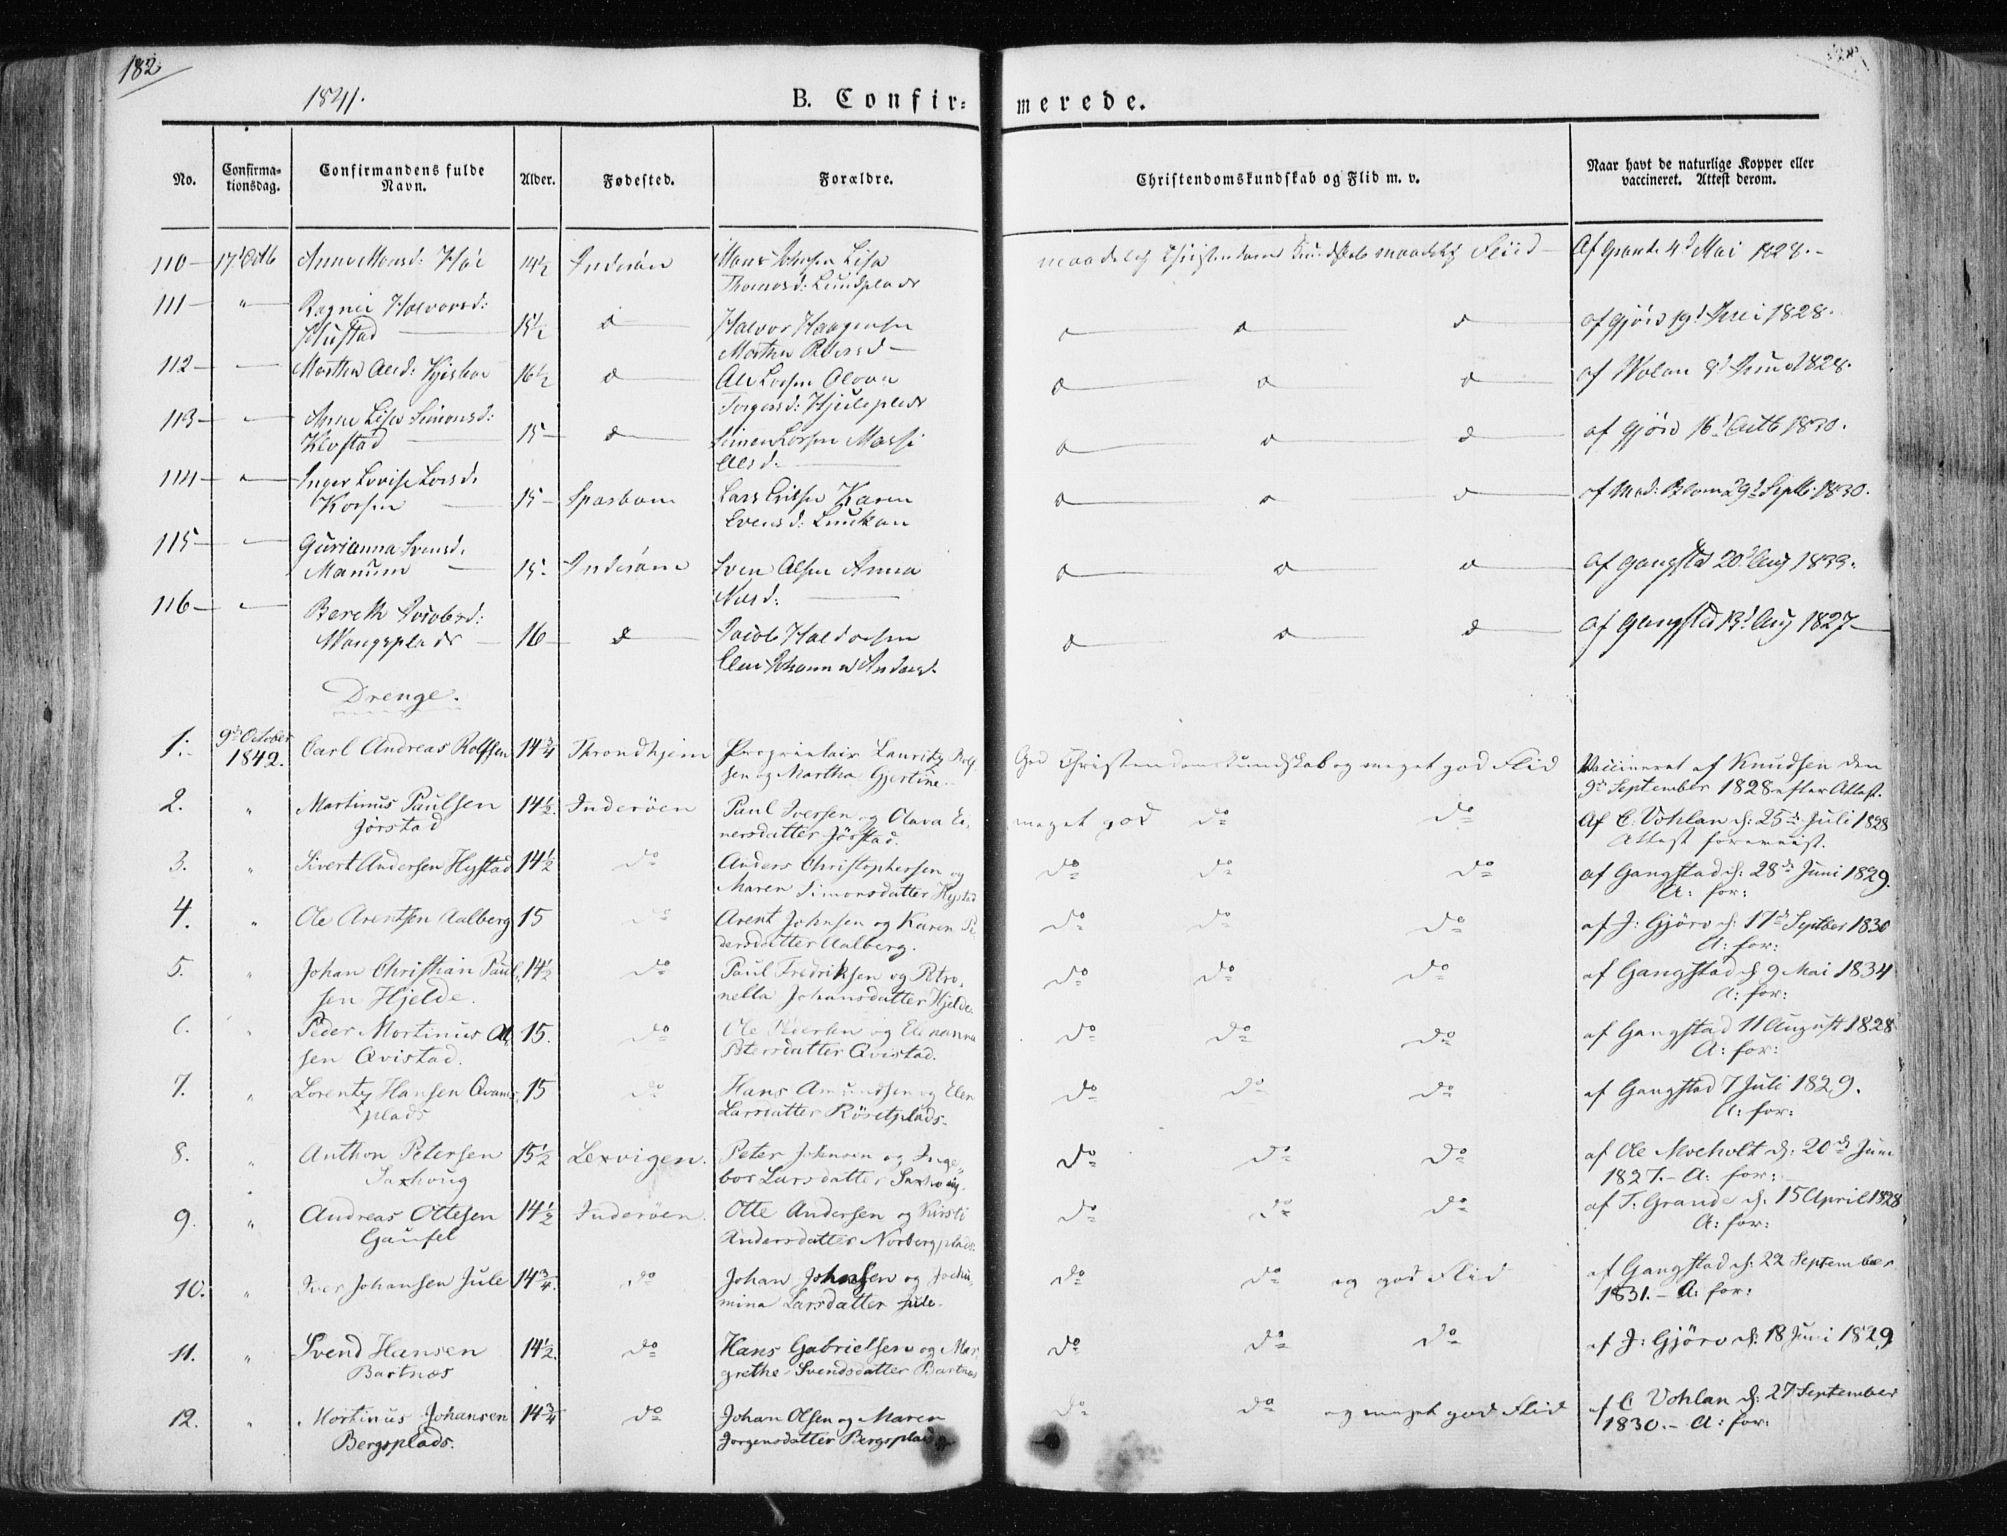 SAT, Ministerialprotokoller, klokkerbøker og fødselsregistre - Nord-Trøndelag, 730/L0280: Ministerialbok nr. 730A07 /1, 1840-1854, s. 182